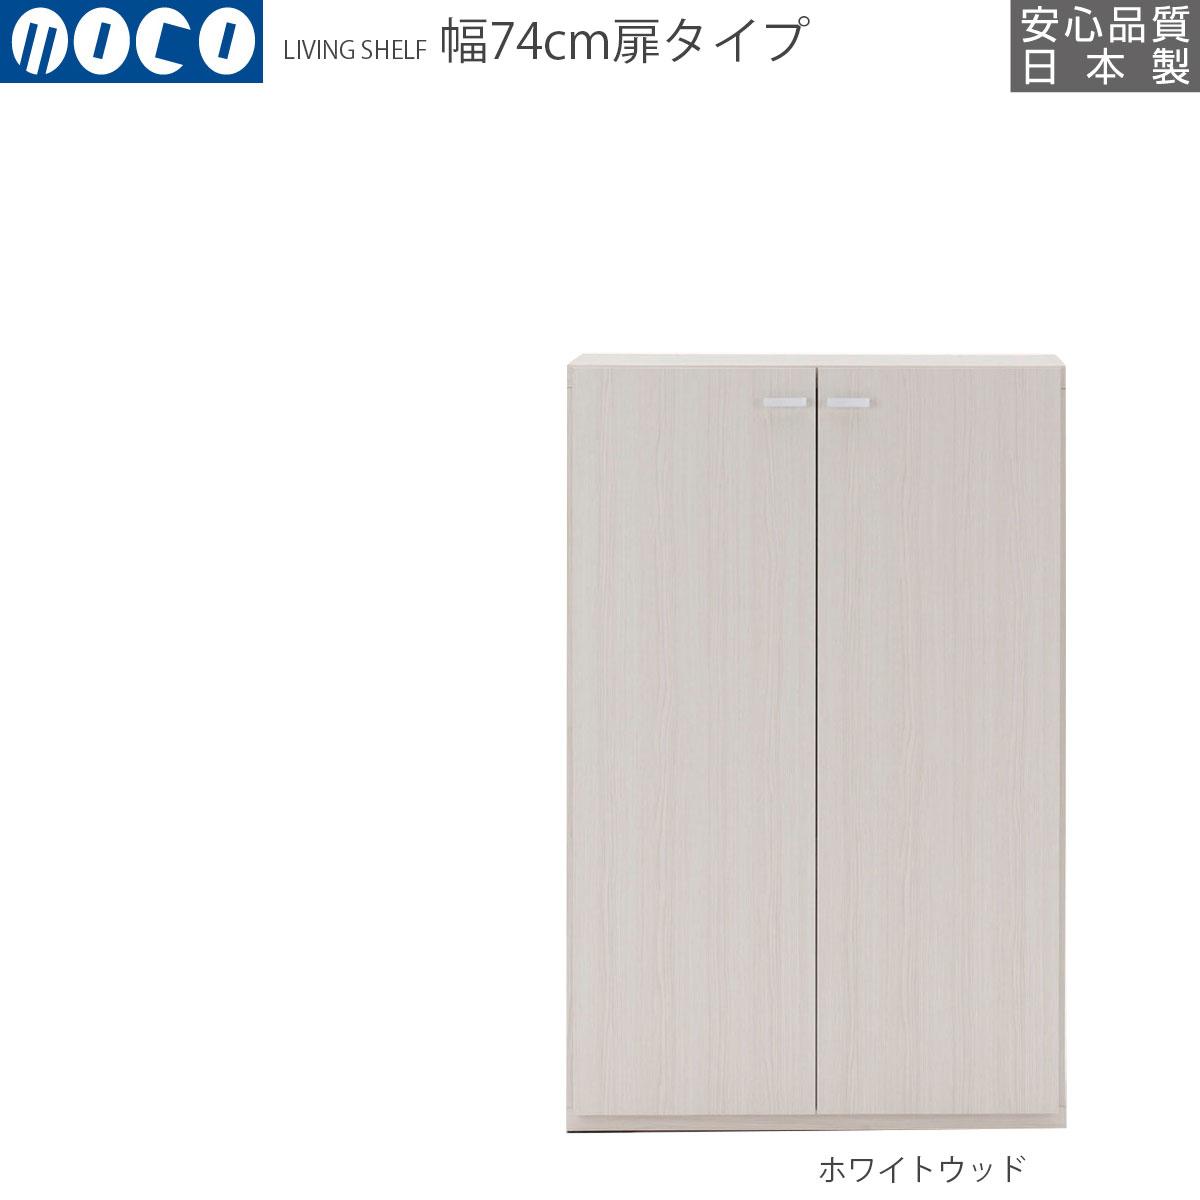 【即納】 フナモコ リビングシェルフ 本棚 完成品 扉付き 大容量 壁面 薄型 スリム 幅74.3×高さ113.8cm ホワイトウッド KFS-74 日本製 国産